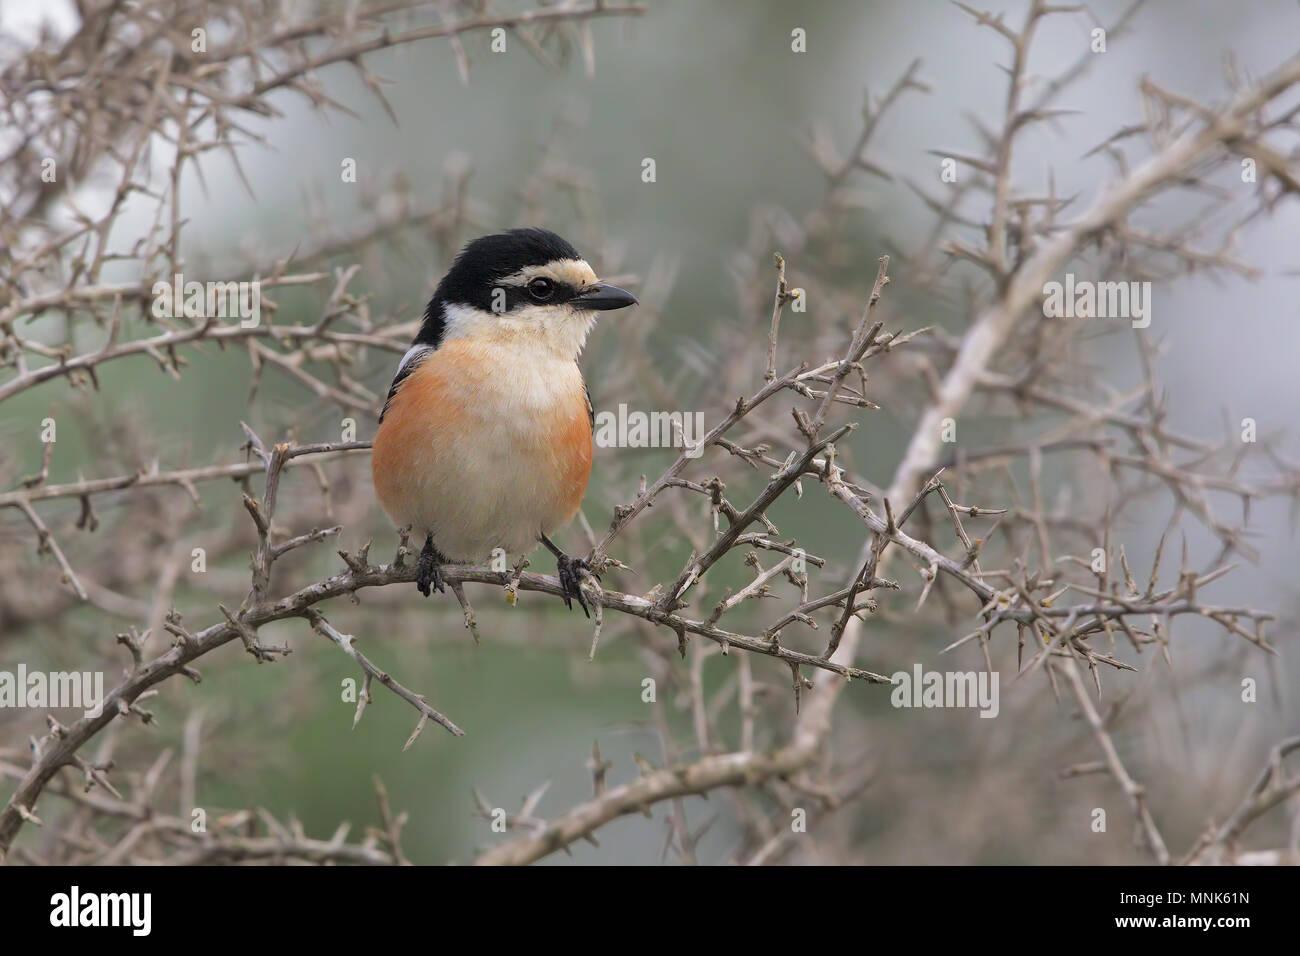 Masked Shrike - Stock Image